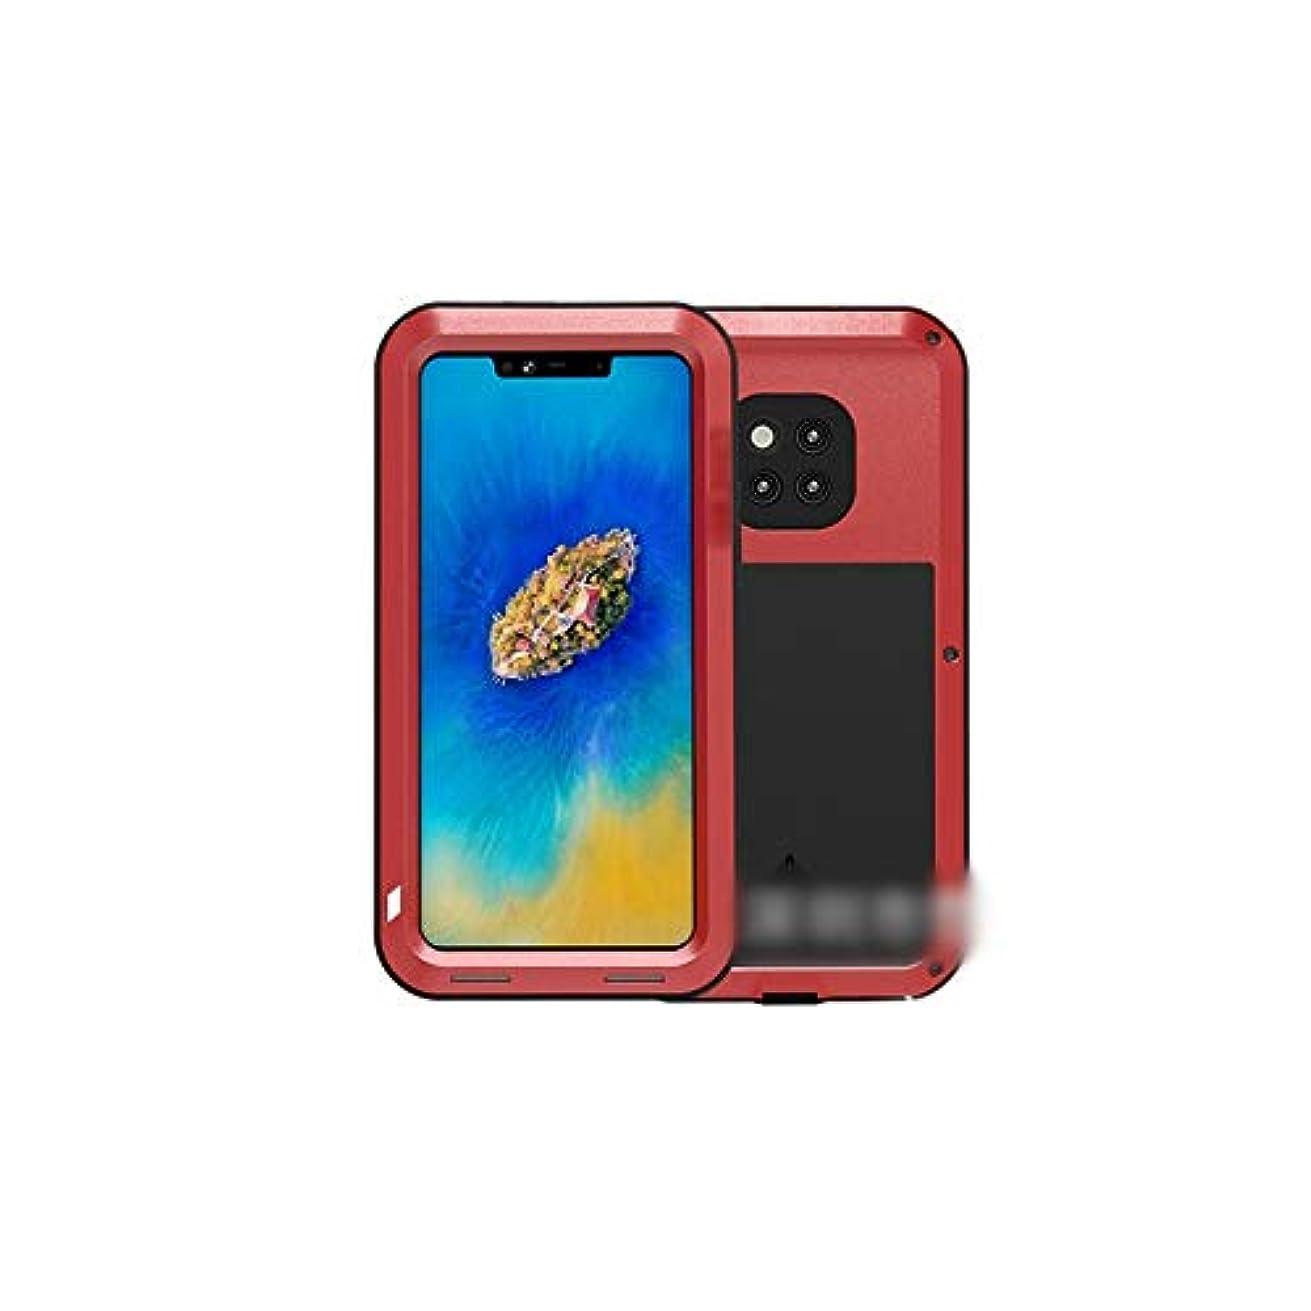 生息地弓荒野Tonglilili 携帯電話ケース、Huawei社P20、P20 Pro、P20 Lite、Mate20、Mate20 Pro、Mate20 Lite用の新しい防護カバーメタルシェル電話ケース (Color : レッド, Edition : P20)